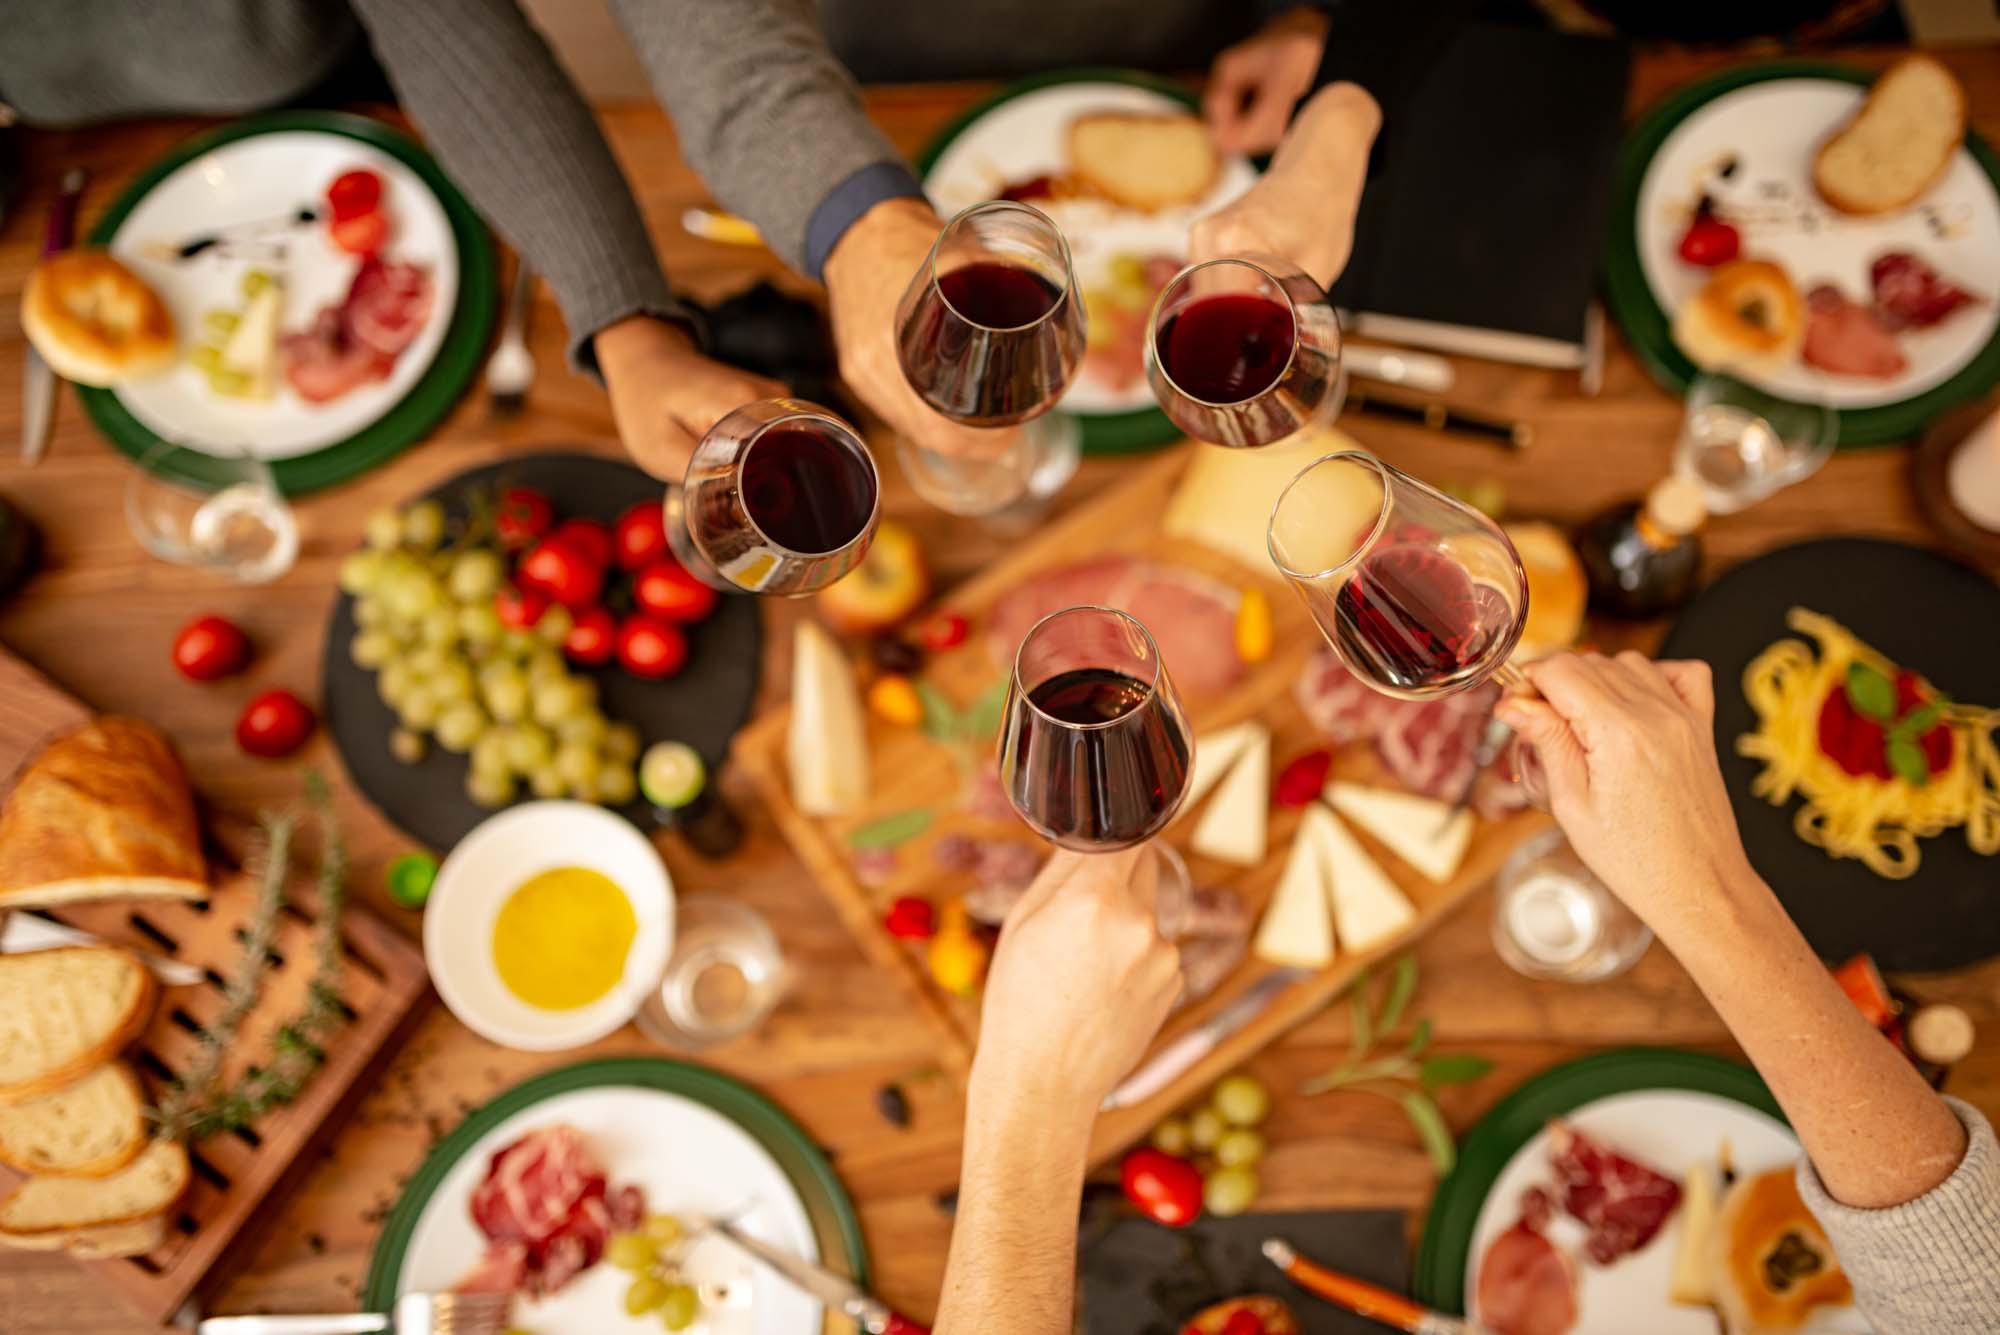 Corsi Di Cucina Cene Aziendali a Ferrara